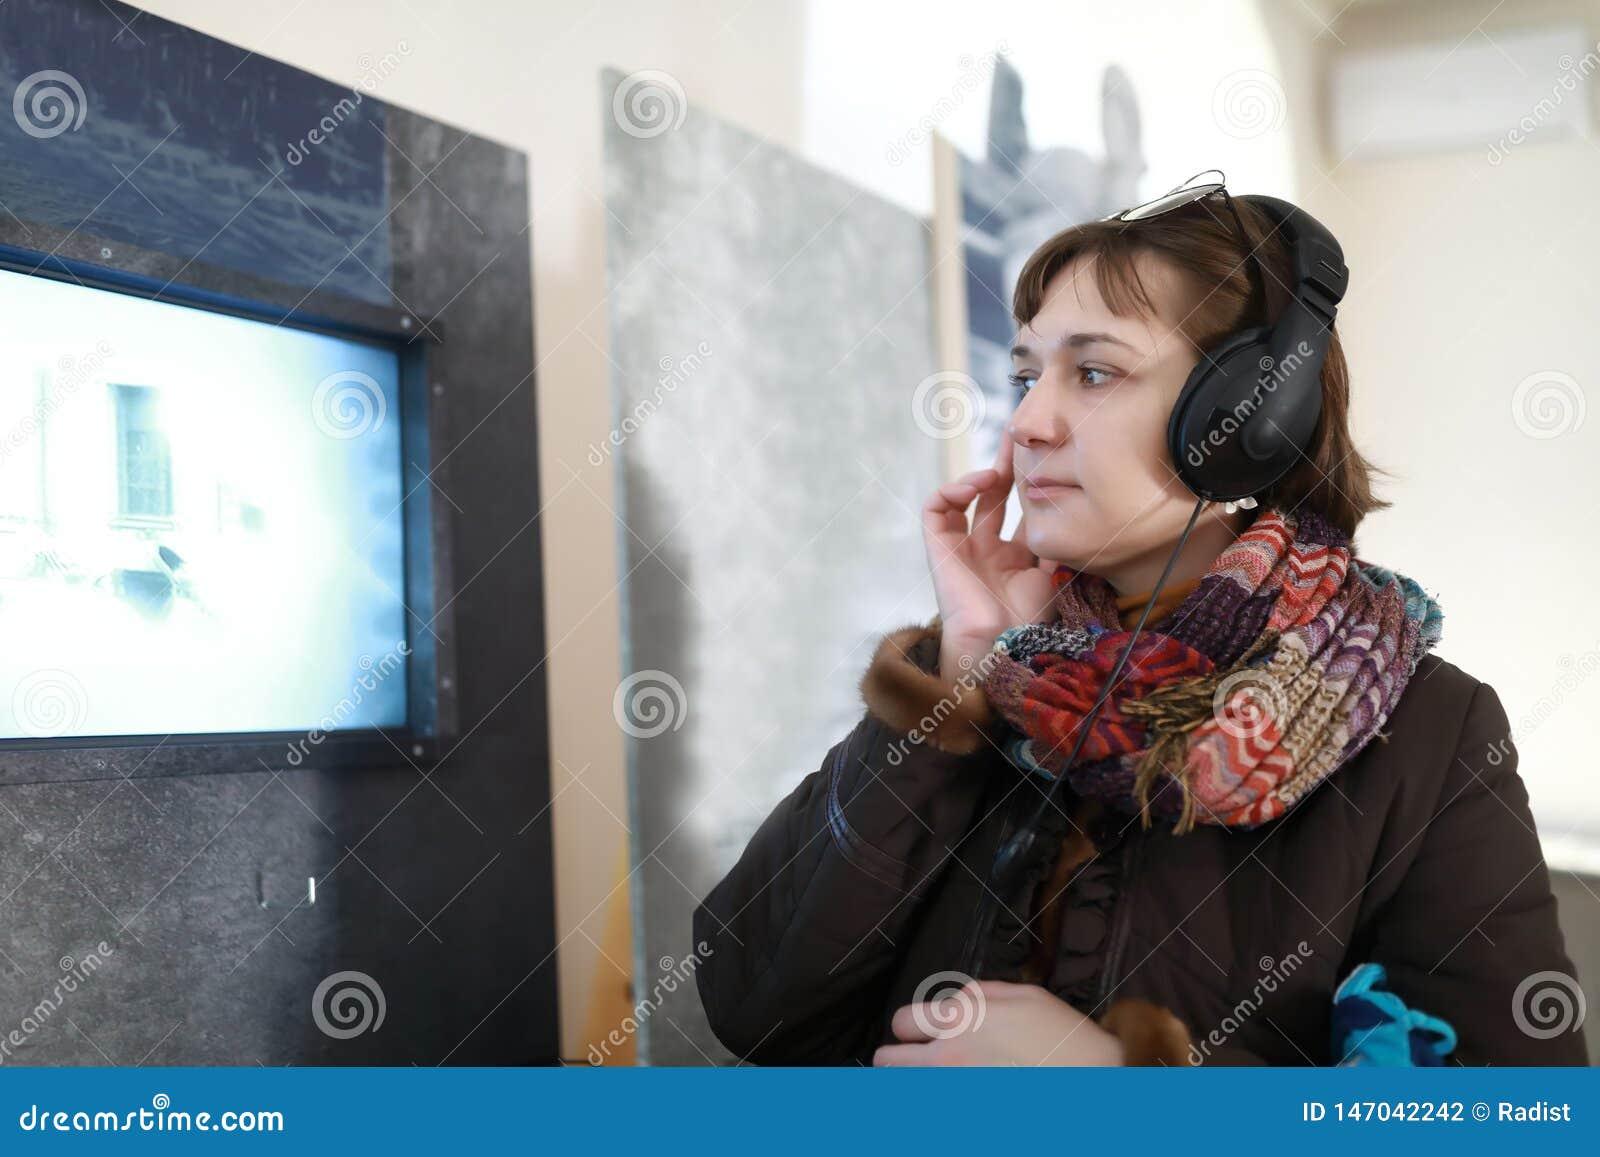 Σοβαρή γυναίκα στα ακουστικά που προσέχει τον κινηματογράφο